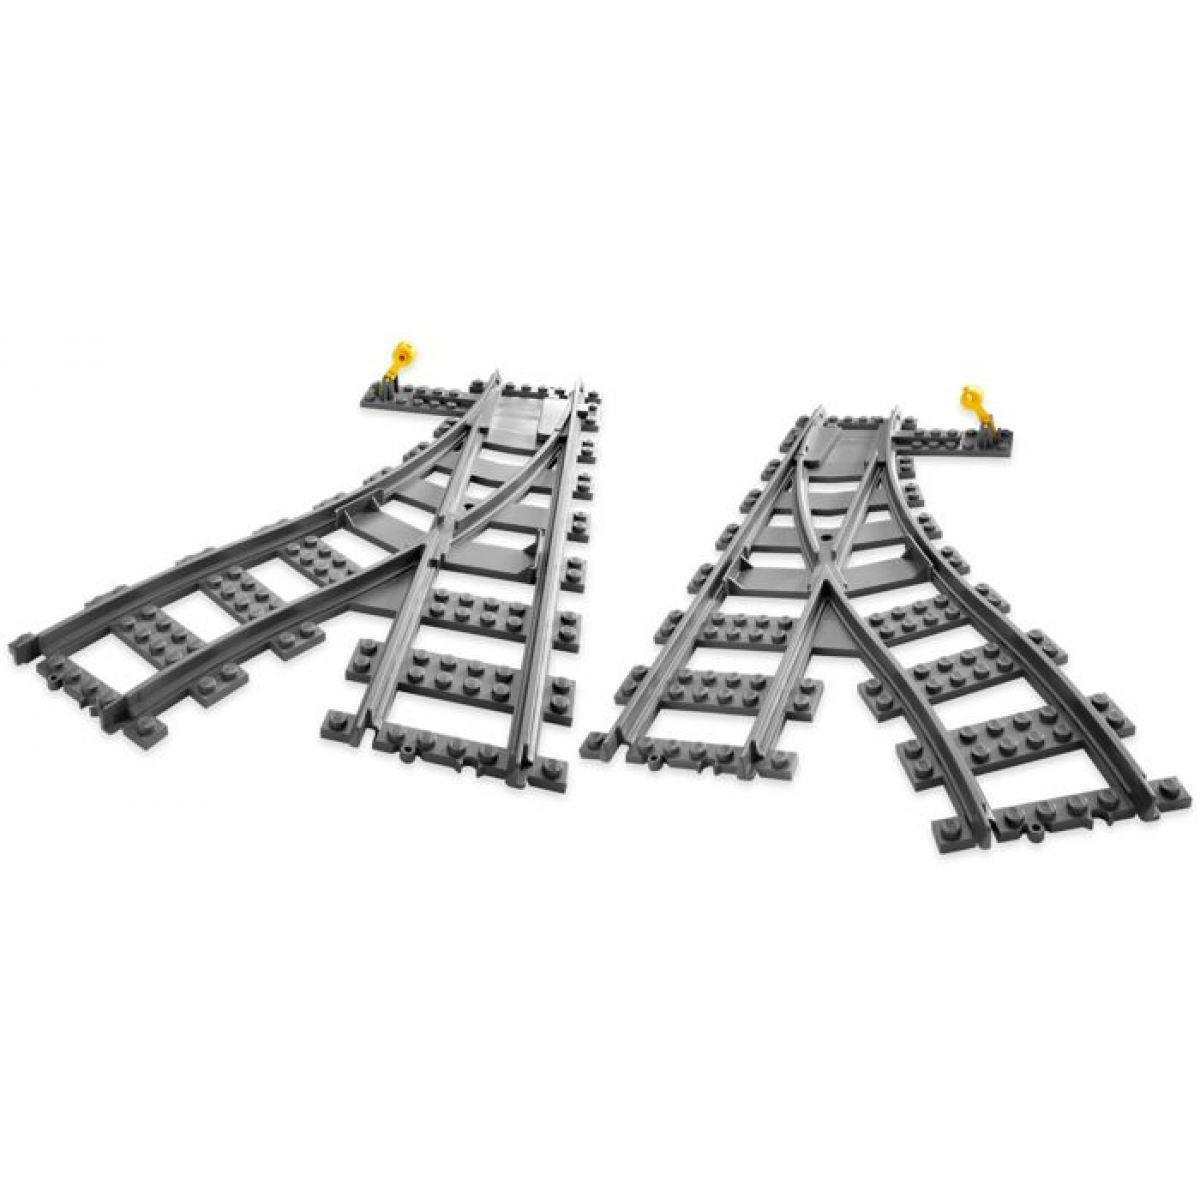 LEGO City 7895 Výhybky #3